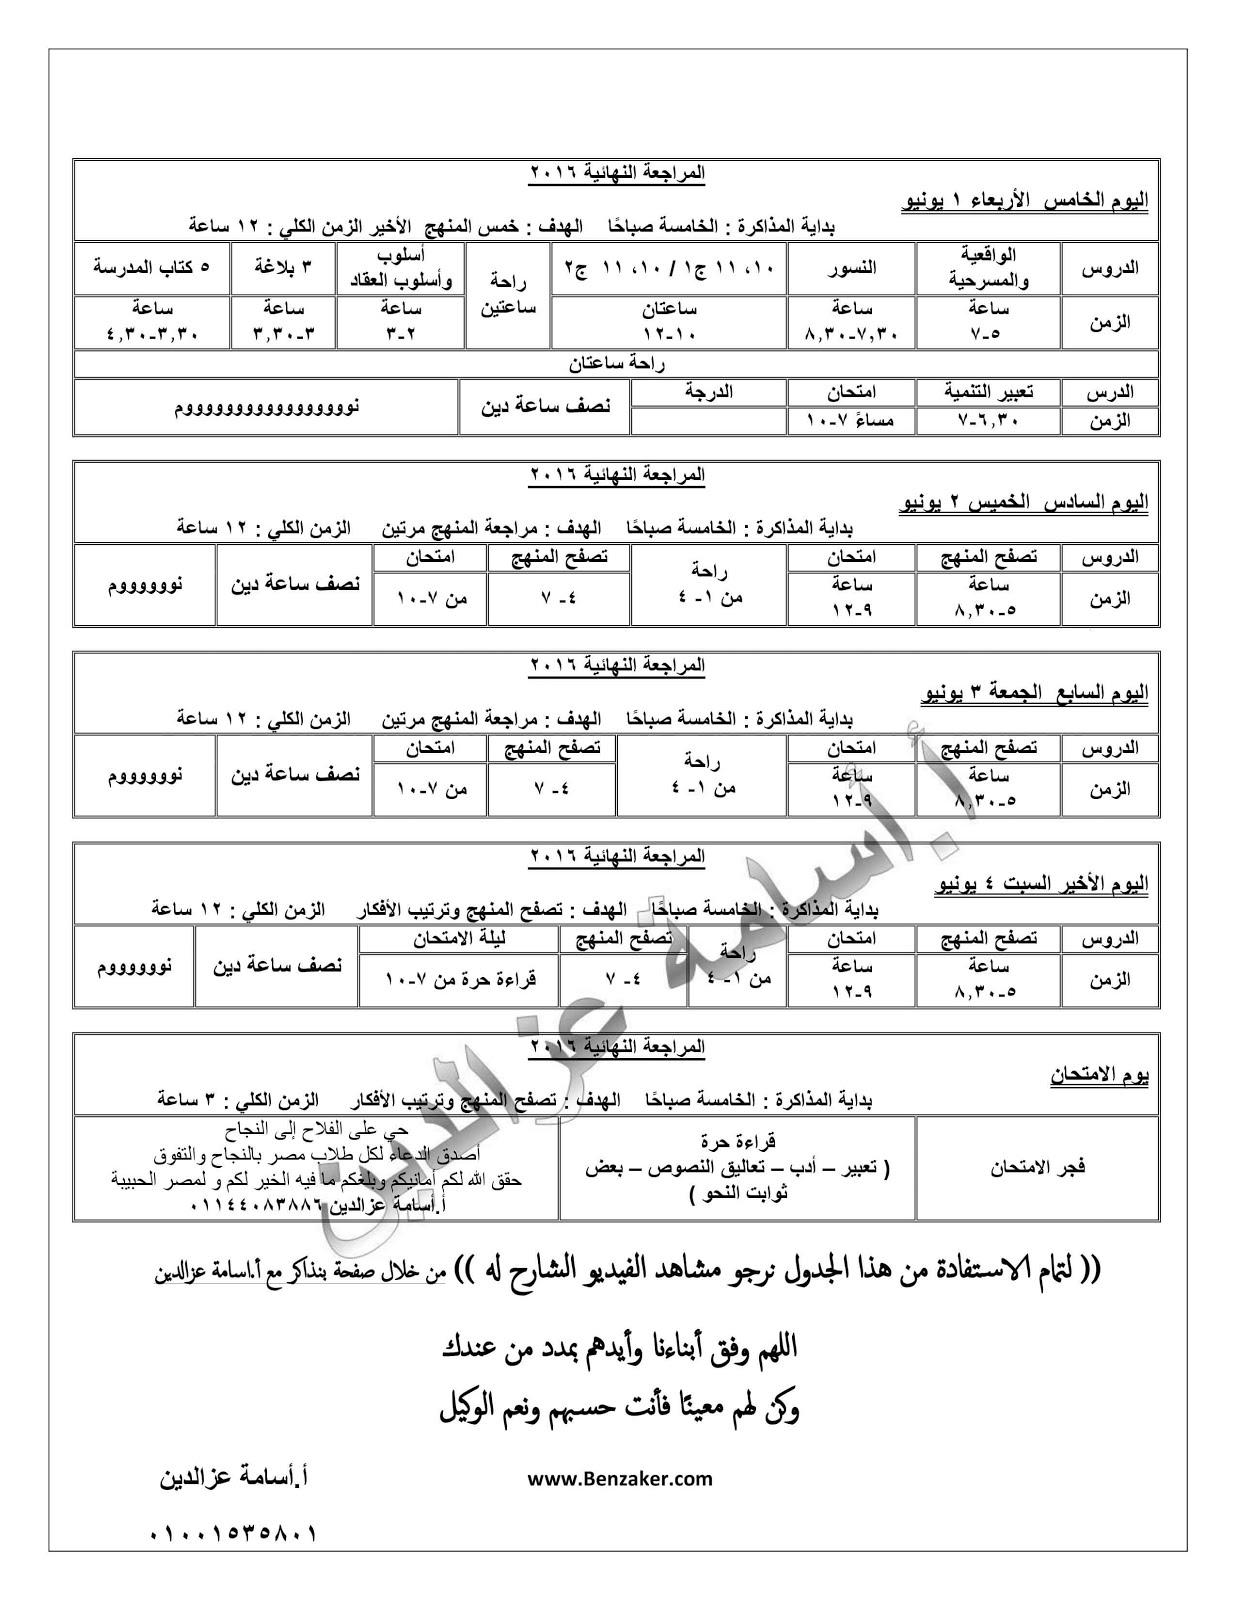 جدول مذاكرة اللغة العربية في الأسبوع الأخير للثانوية العامة